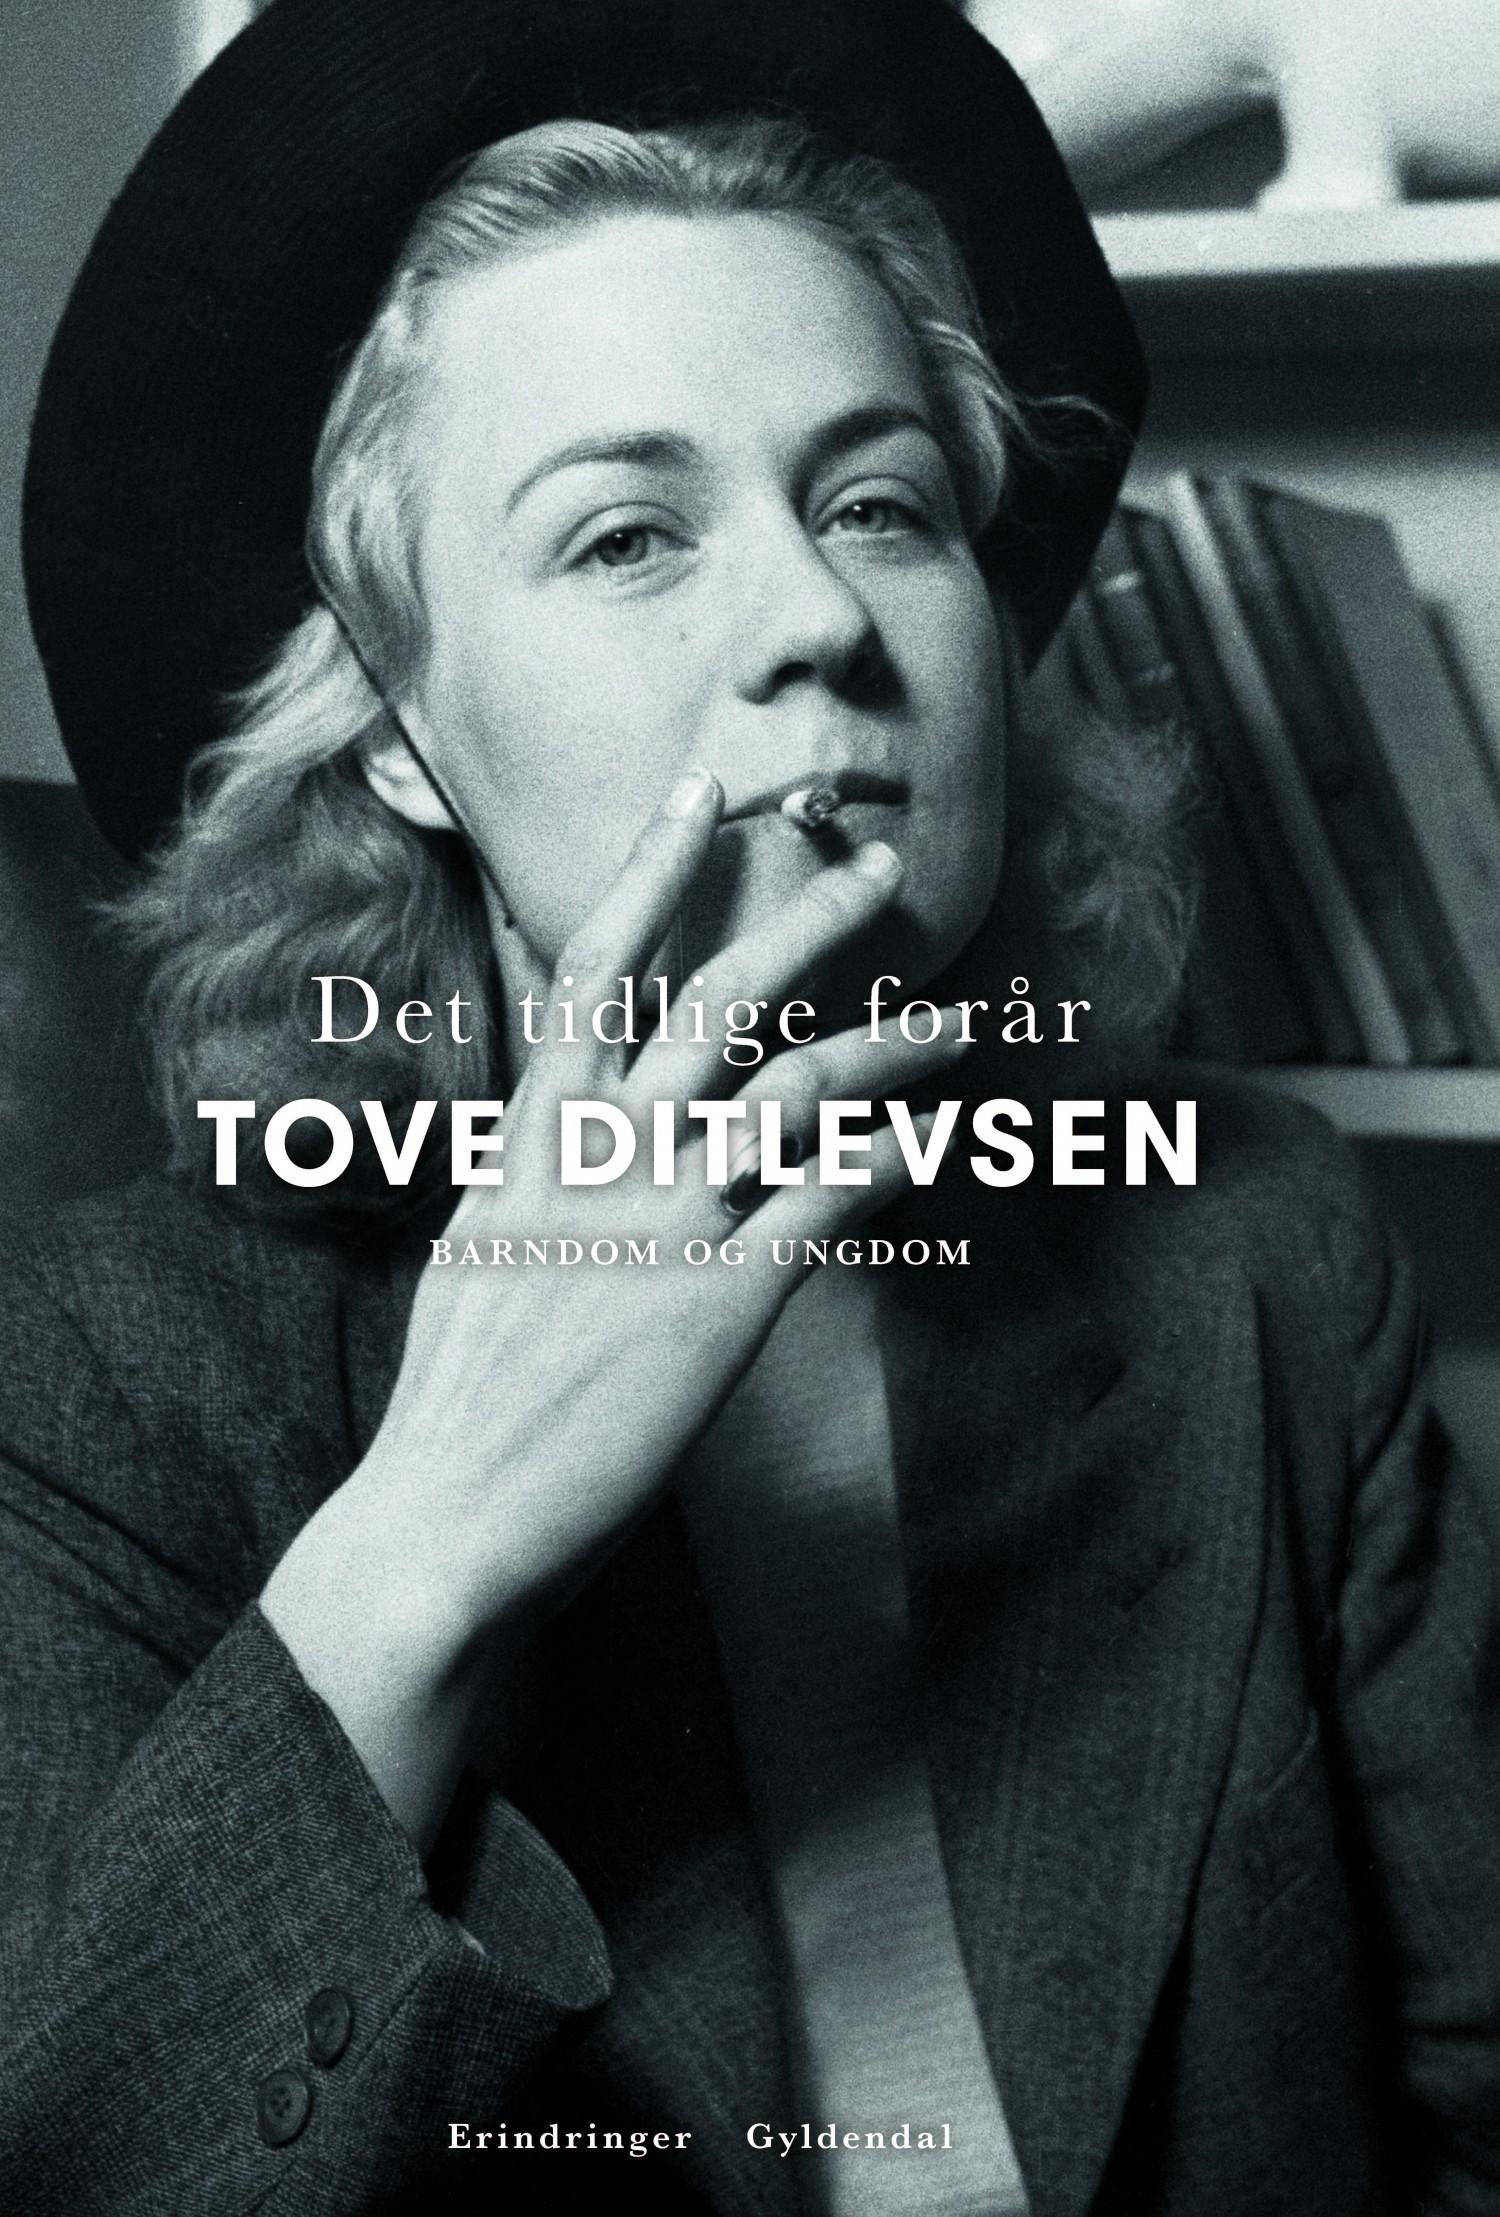 Det tidlige forår af Tove Ditlevsen. Læs mere på gyldendal.dk